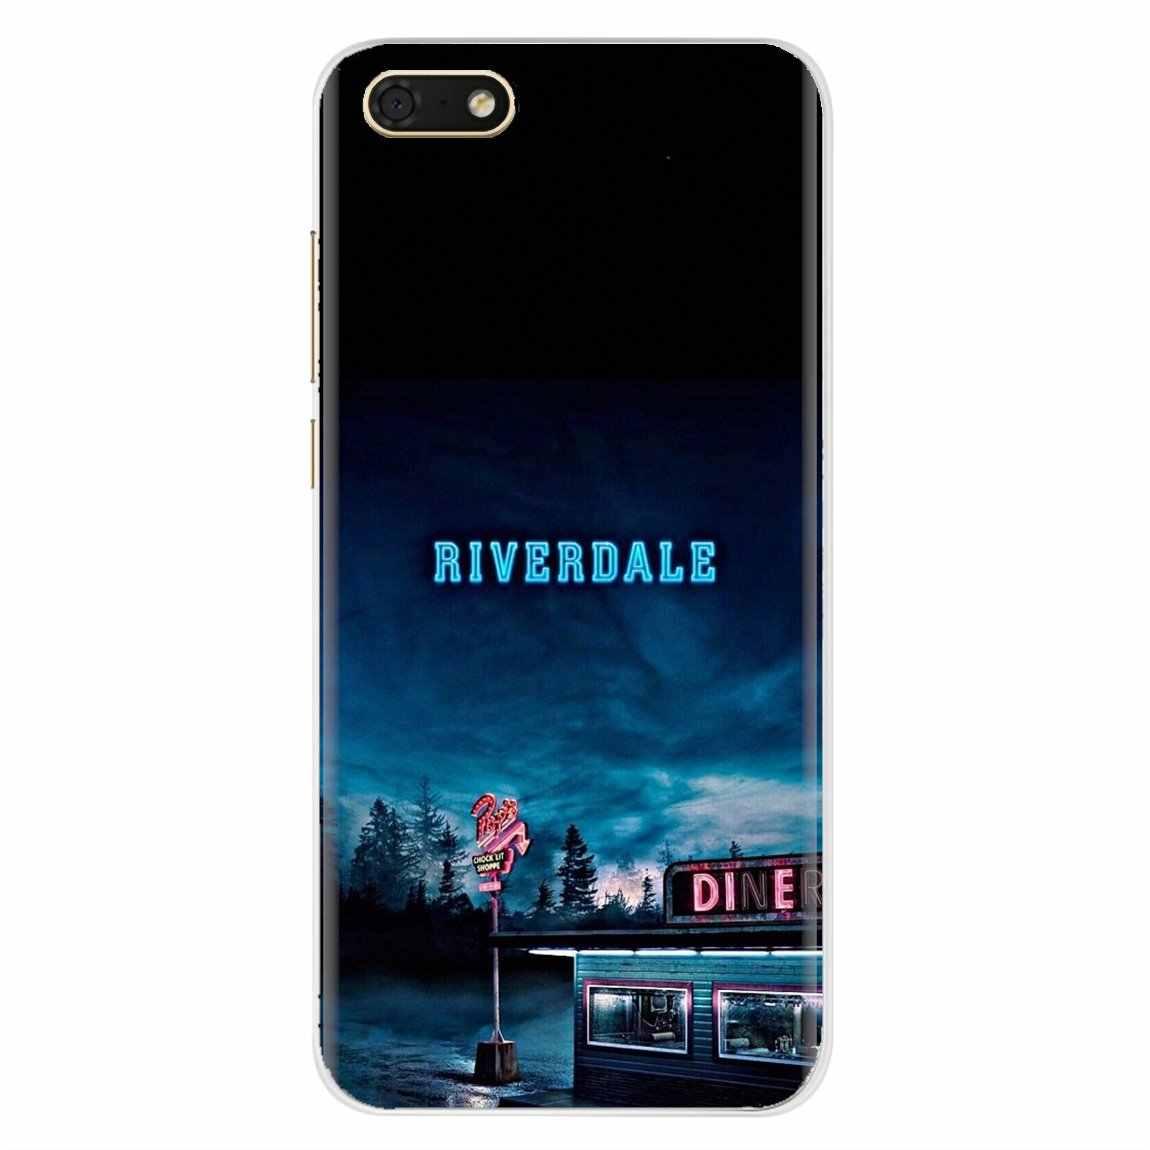 Iphone 11 pro 4 4 s 5 5 s se 5c 6 6 s 7 8 x xr xs plus ipod touch 용 미국 tv 리버 데일 로고 포스터 실리콘 케이스